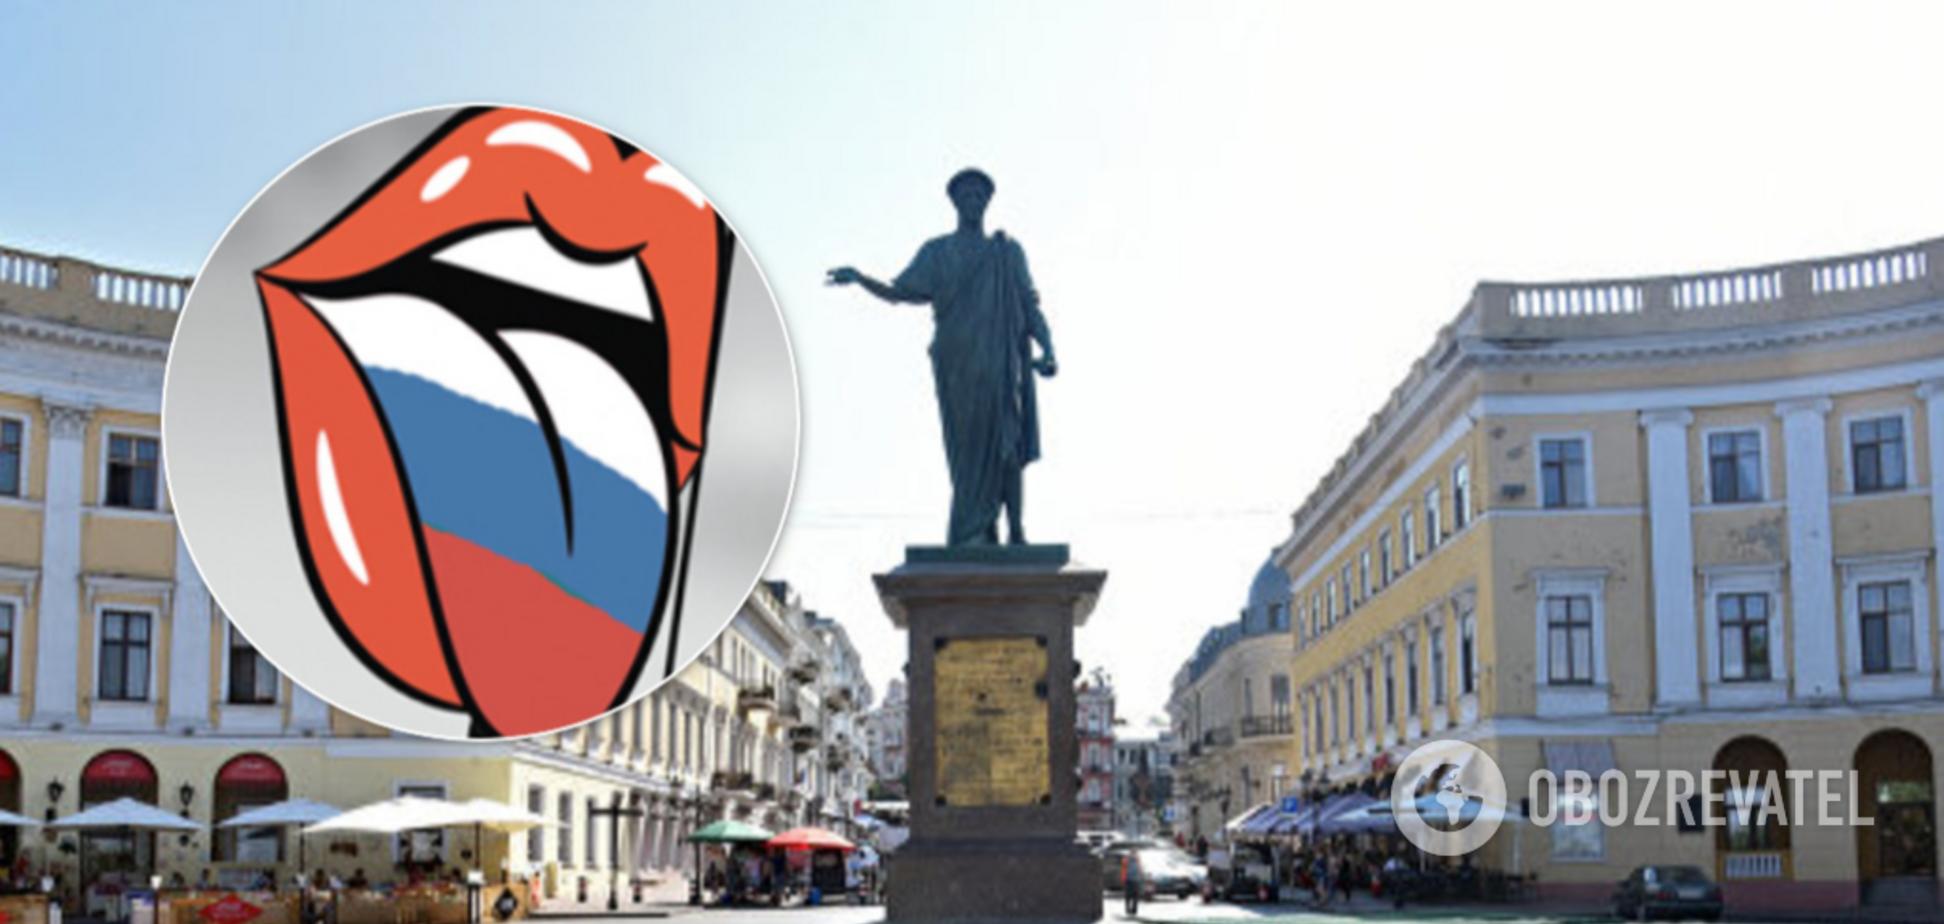 Пропагандисти прийшли в захват від російськомовної Одеси